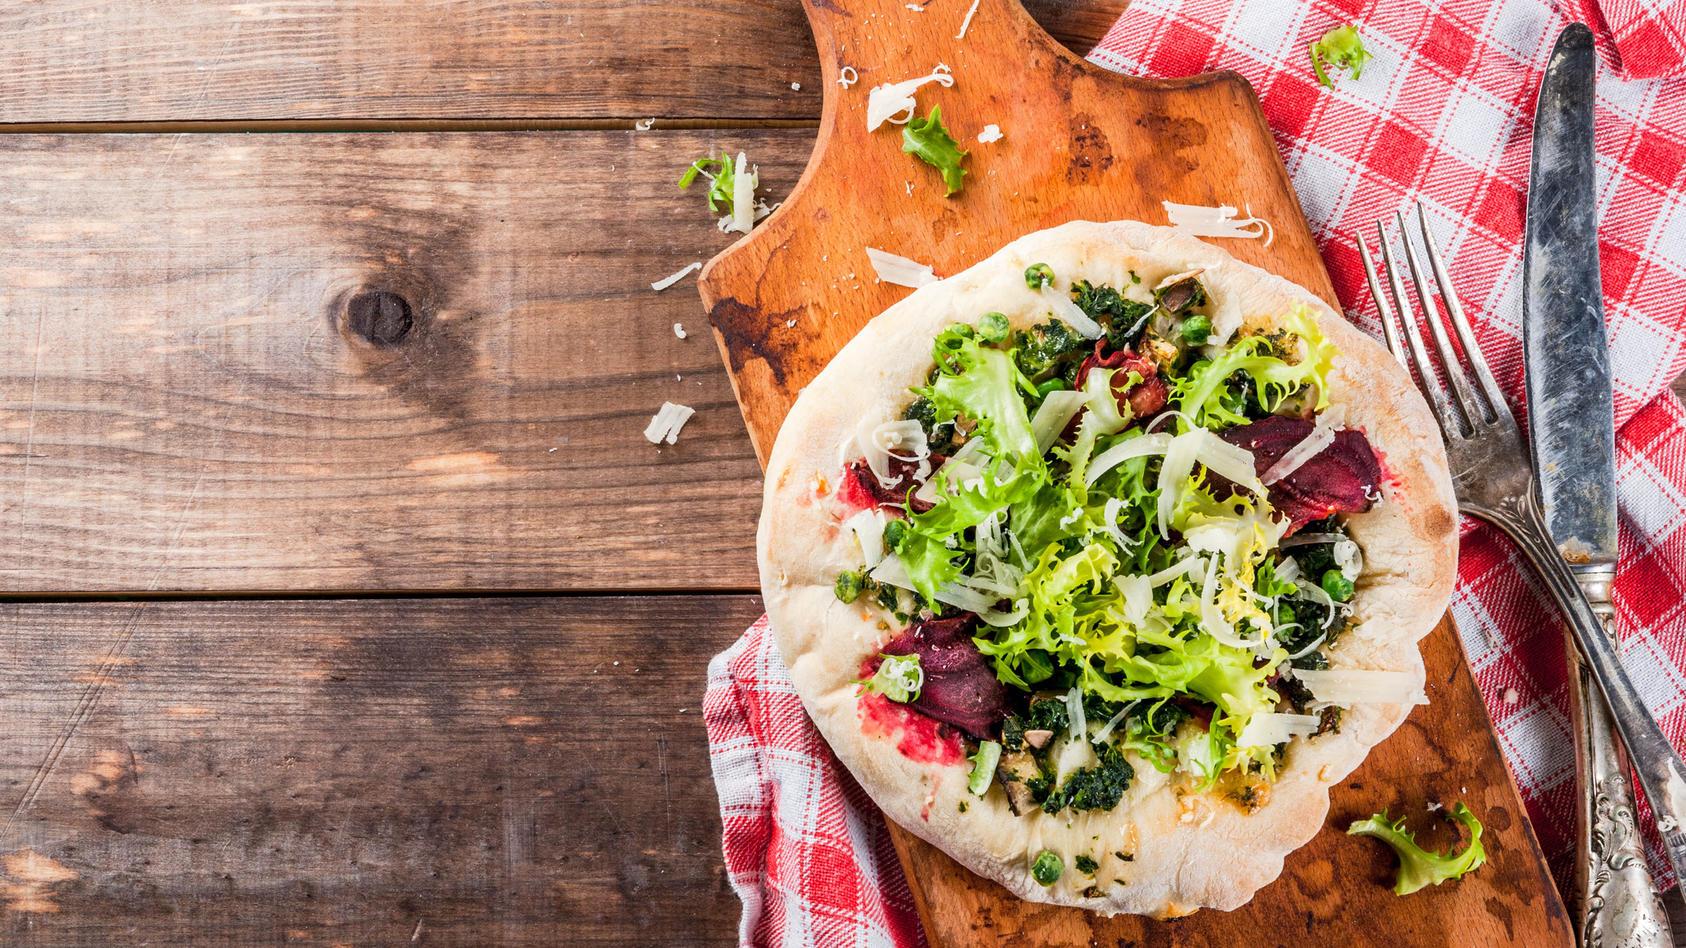 Pizza mit Salat und Pesto - so macht gesundes Essen Spaß!